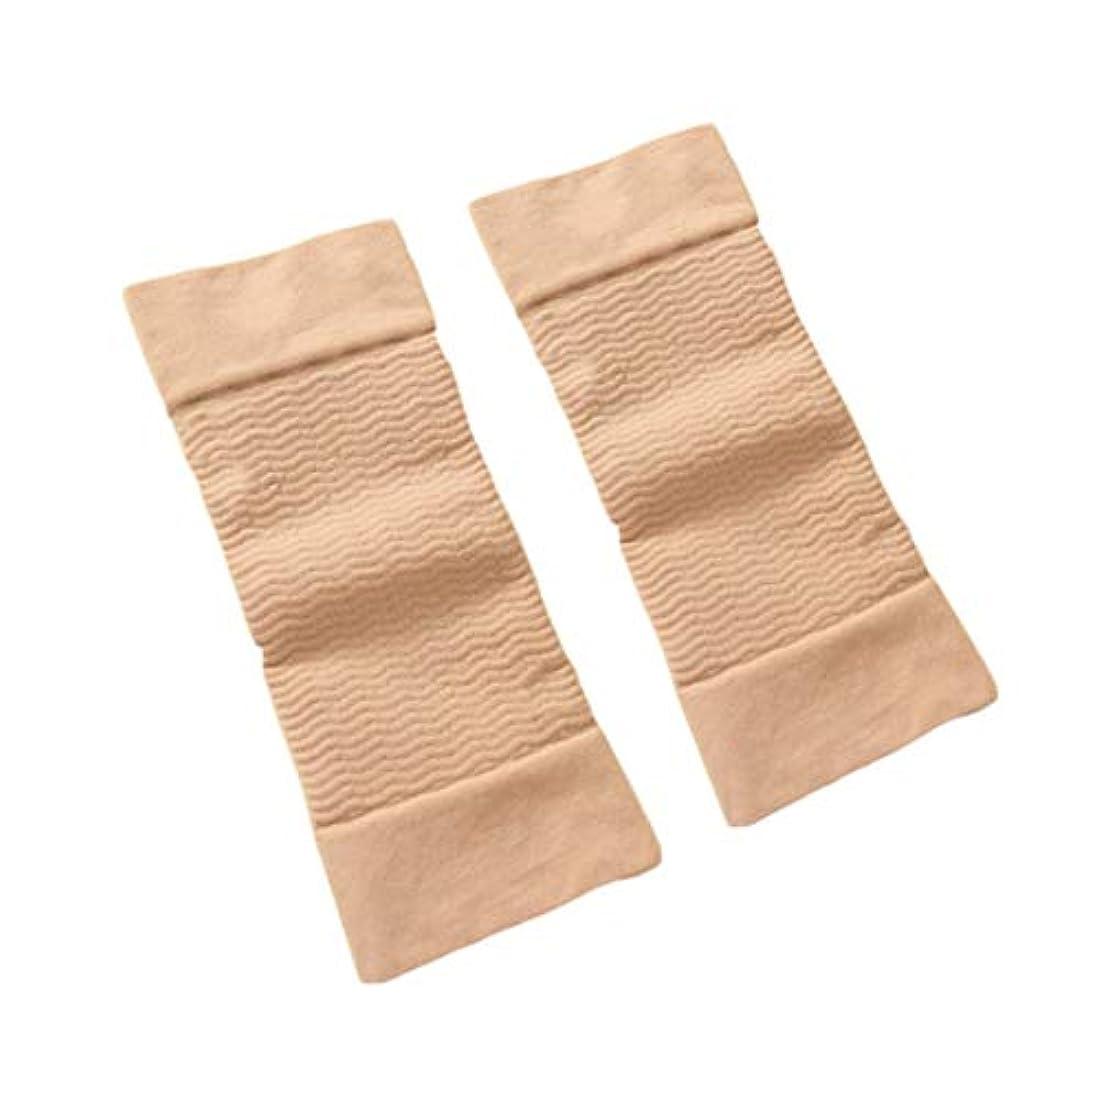 撃退するもっと少なくトロリー1ペア420 D圧縮痩身アームスリーブワークアウトトーニングバーンセルライトシェイパー脂肪燃焼袖用女性 - 肌色